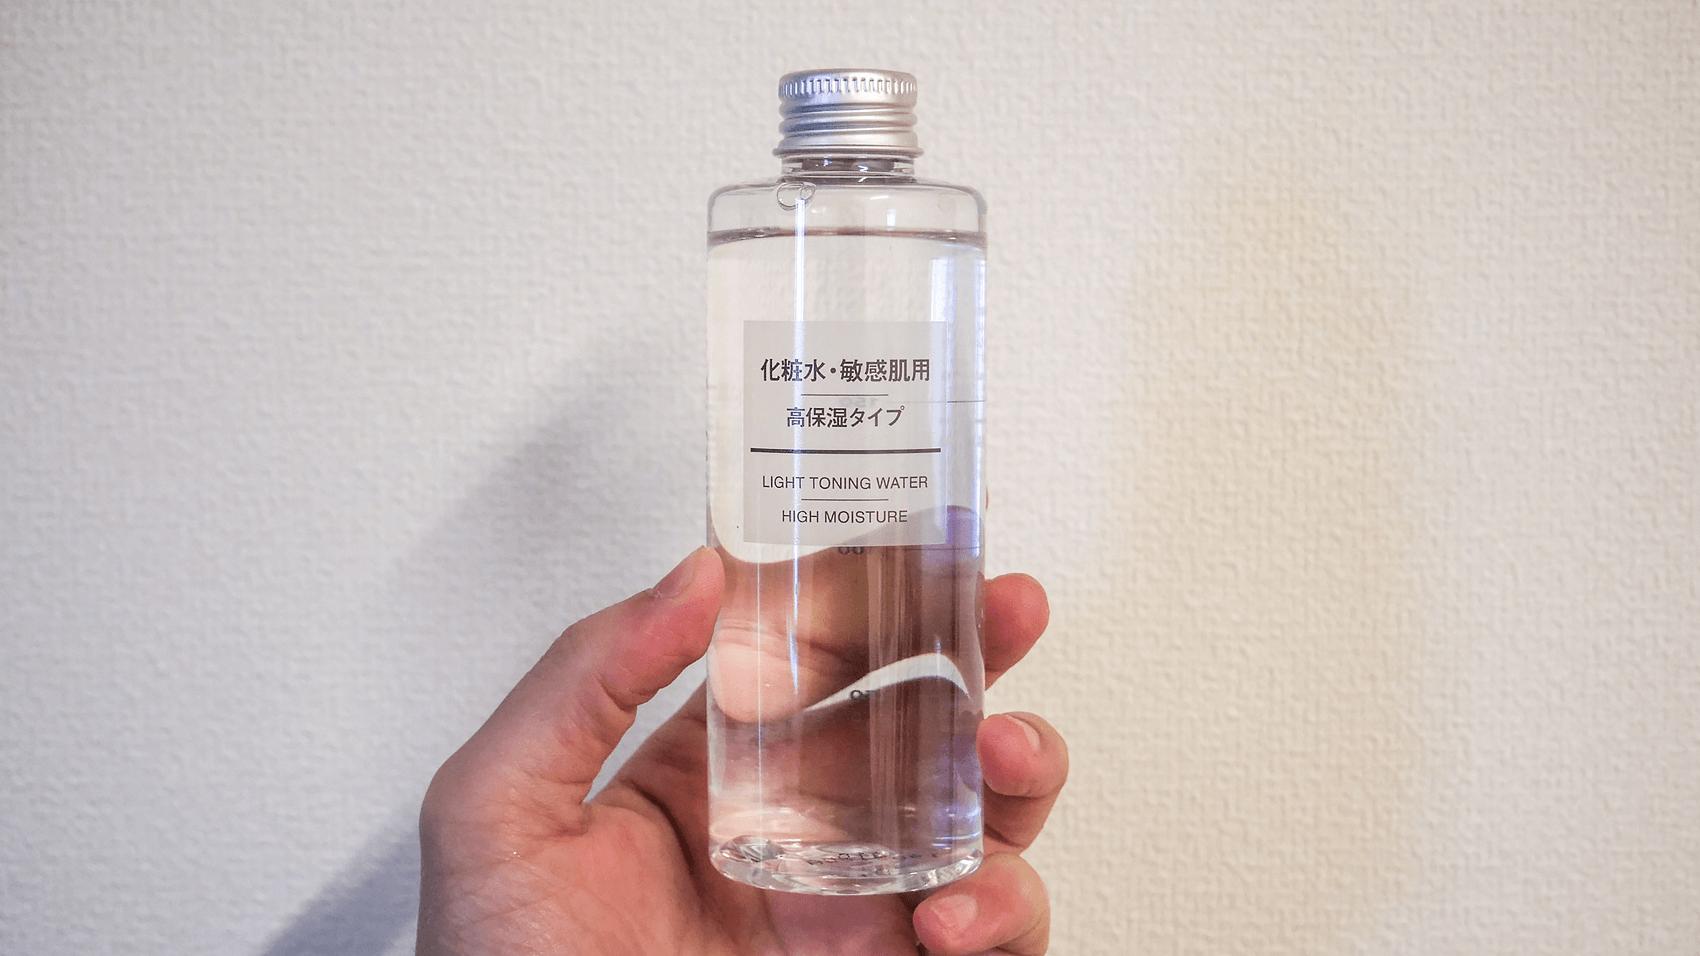 無印良品の化粧水・高保湿タイプ